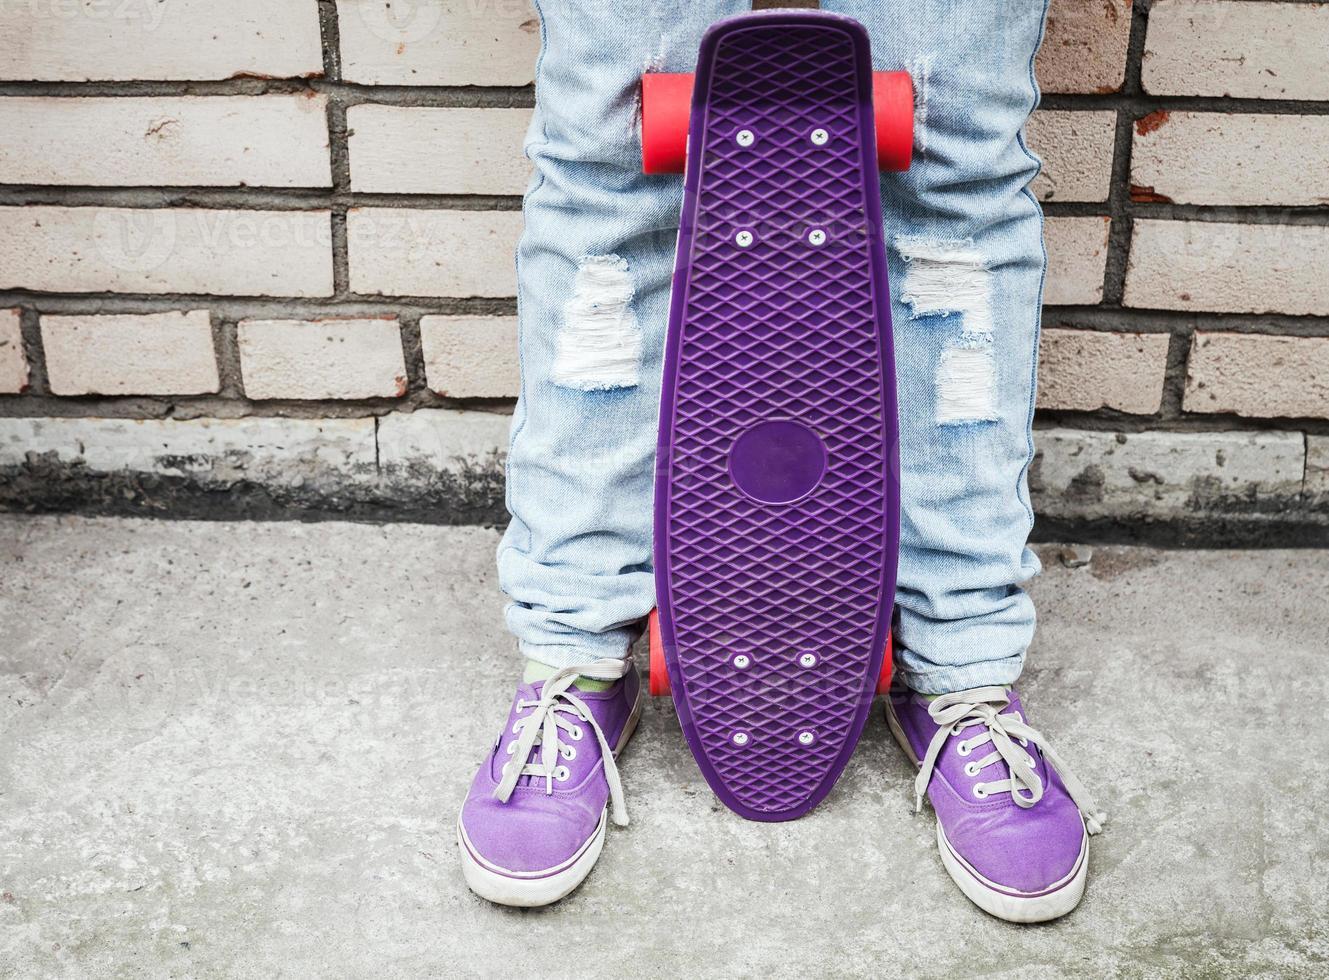 Teenager-Mädchen in Jeans hält ein Skateboard foto